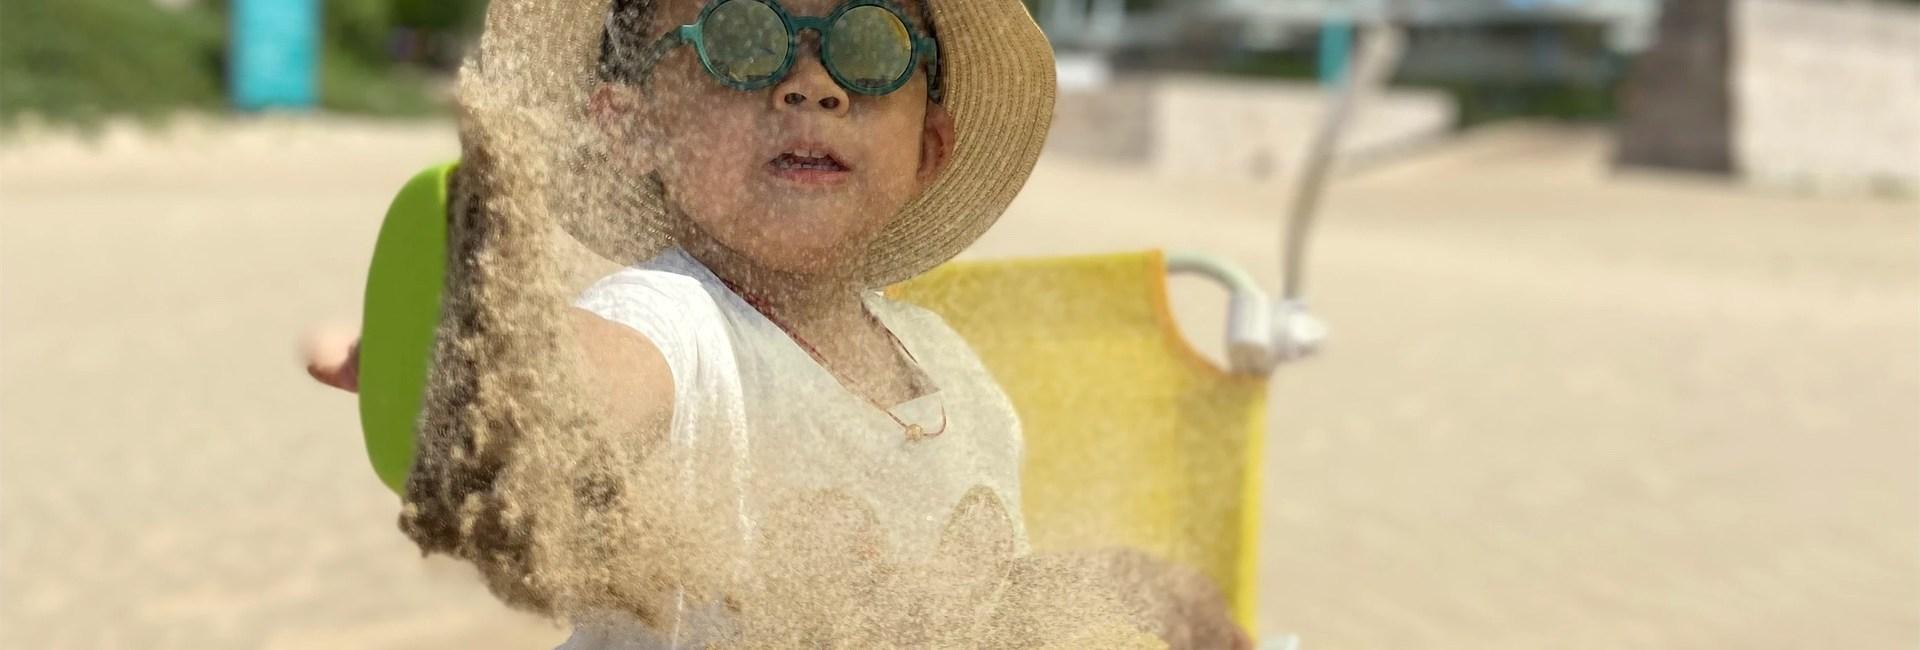 enfant-plage-sable